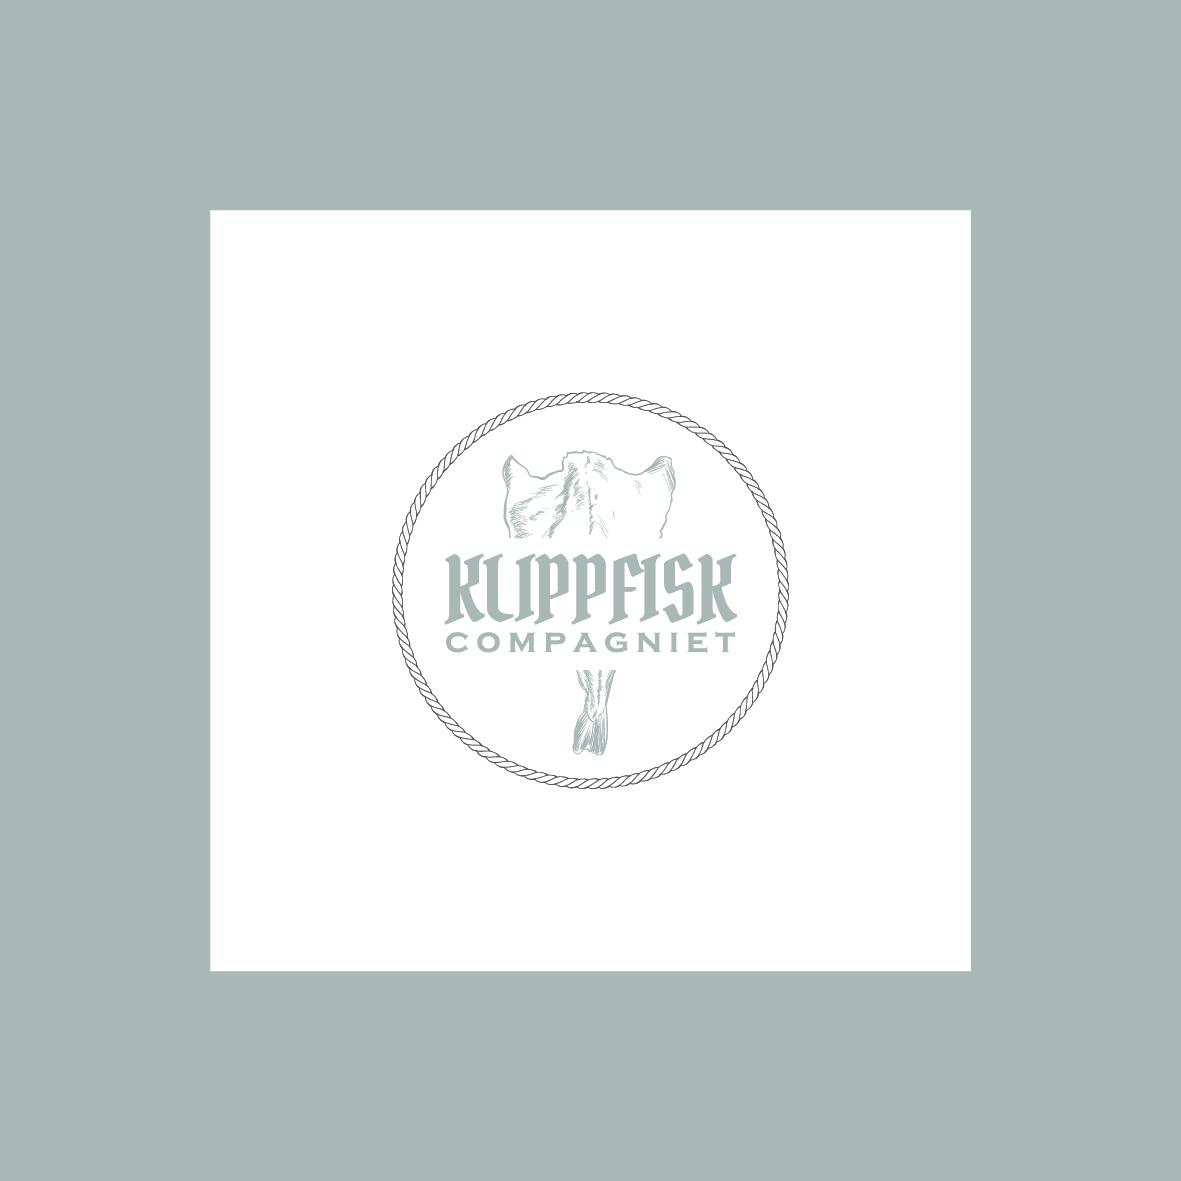 klippfisk compagniet logo grafica salerno